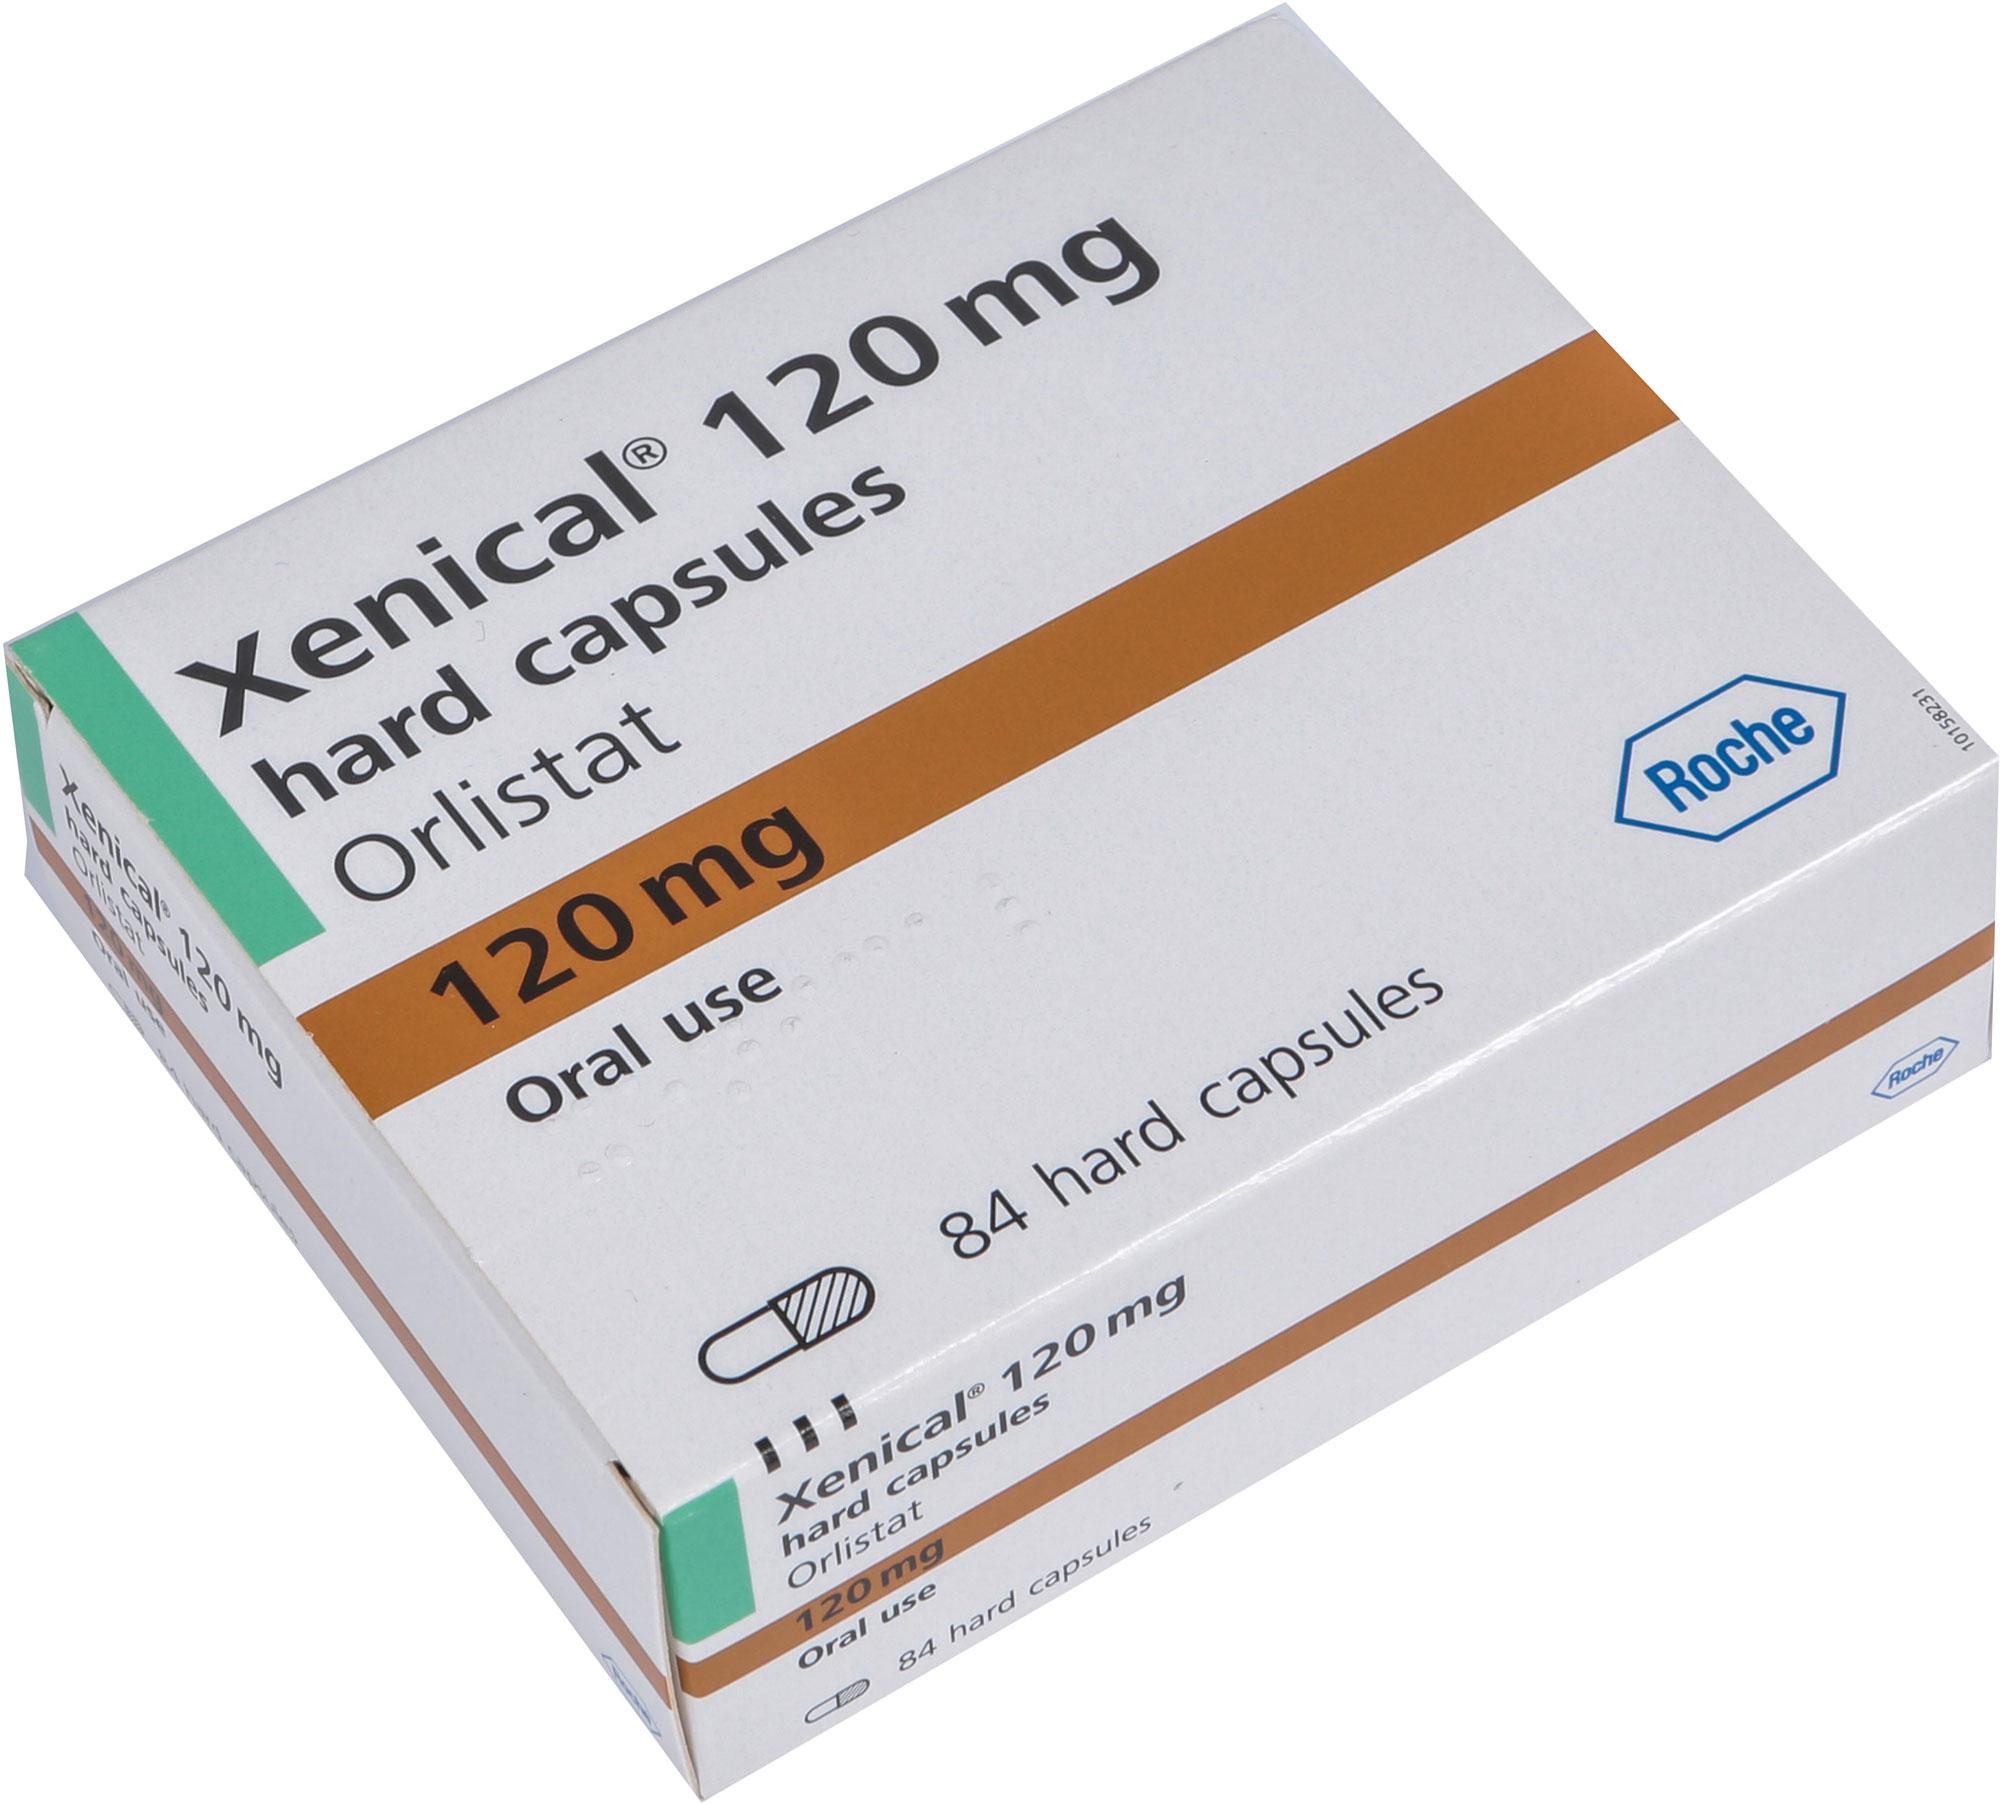 Таблетки Для Похудения Ксеникал Цена В Новосибирске. Мой опыт снижения веса на Редуксине и Ксеникале, таблетках для похудения.